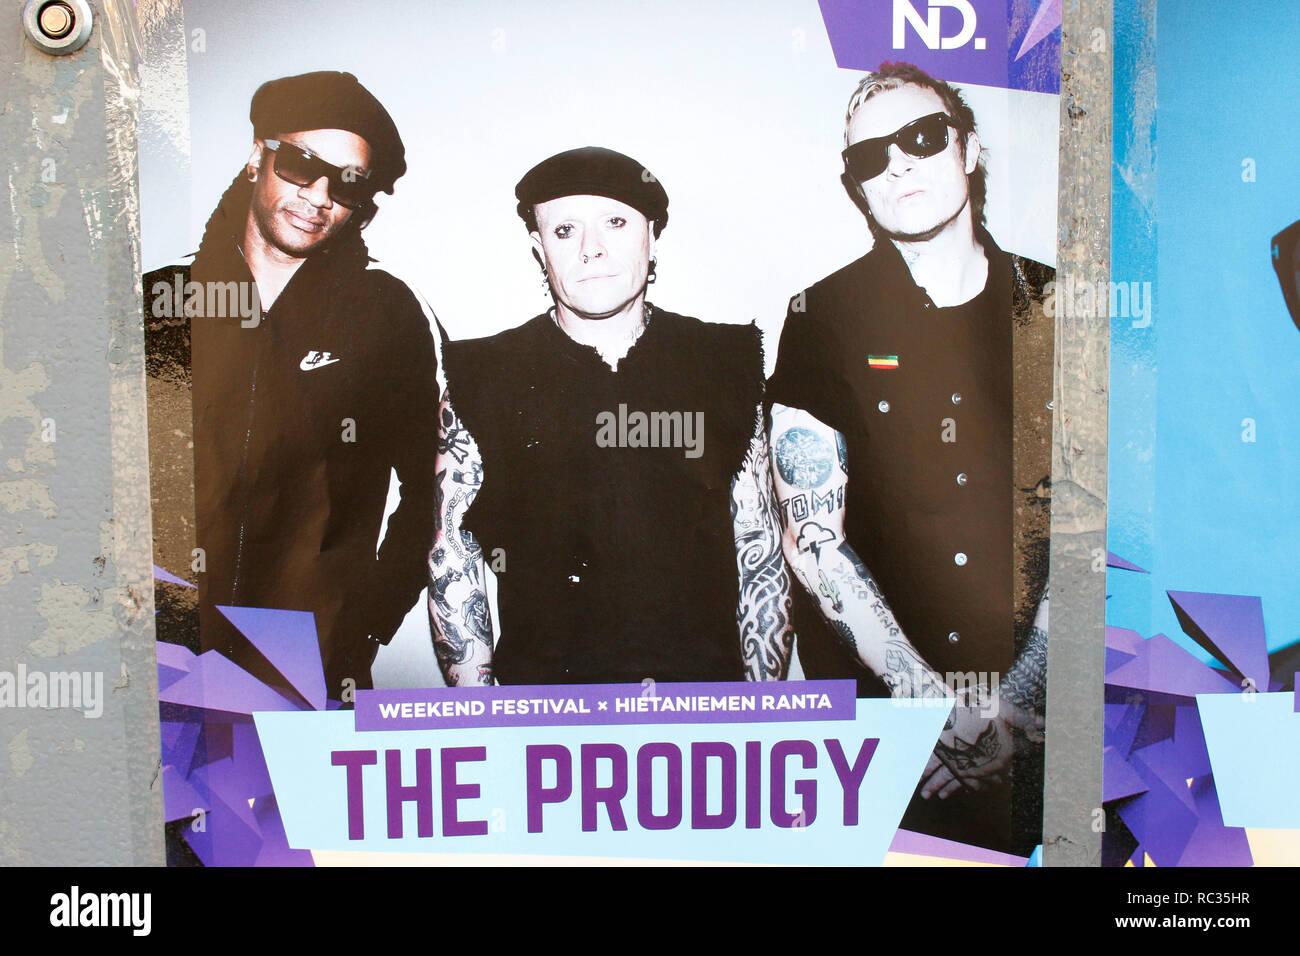 Werbujng fuer einen Auftritt der Band 'The Prodigy' (Keith Flint, Liam Howlett, Keith Palmer alias Maxim Reality), Helsinki   (nur fuer redaktionelle  - Stock Image